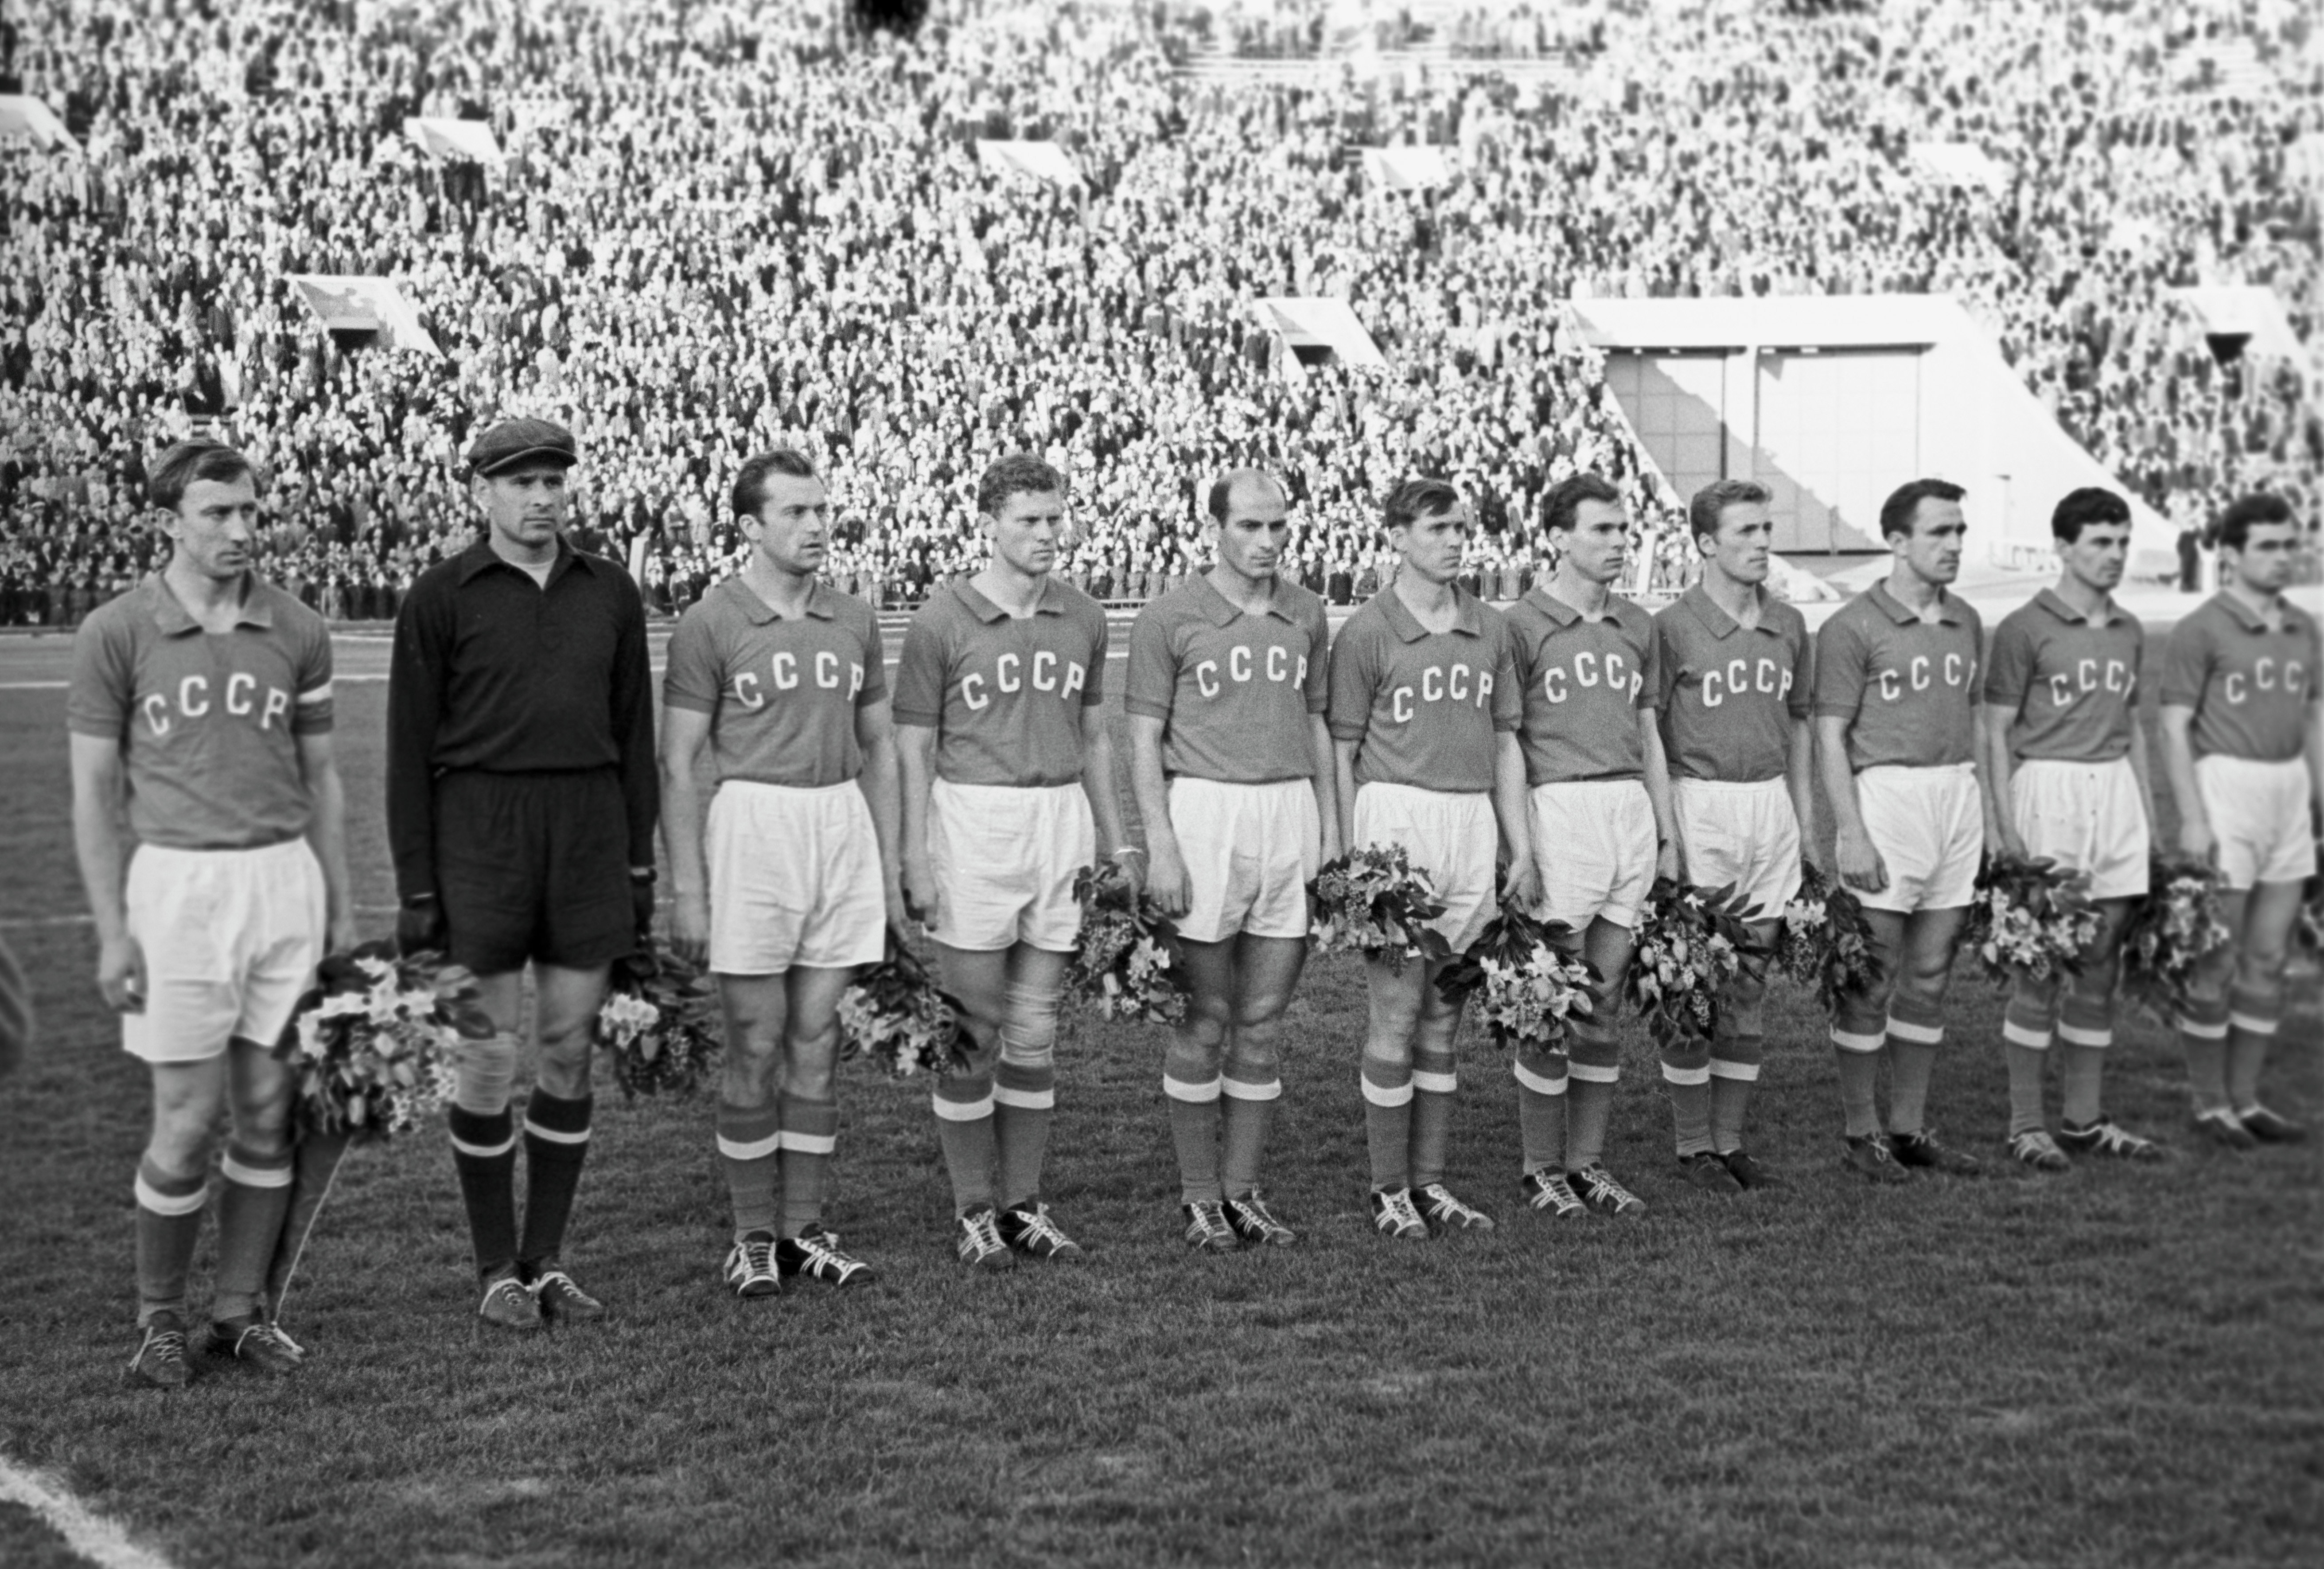 Сборная СССР - триумфаторы Чемпионата Европы 1960 года